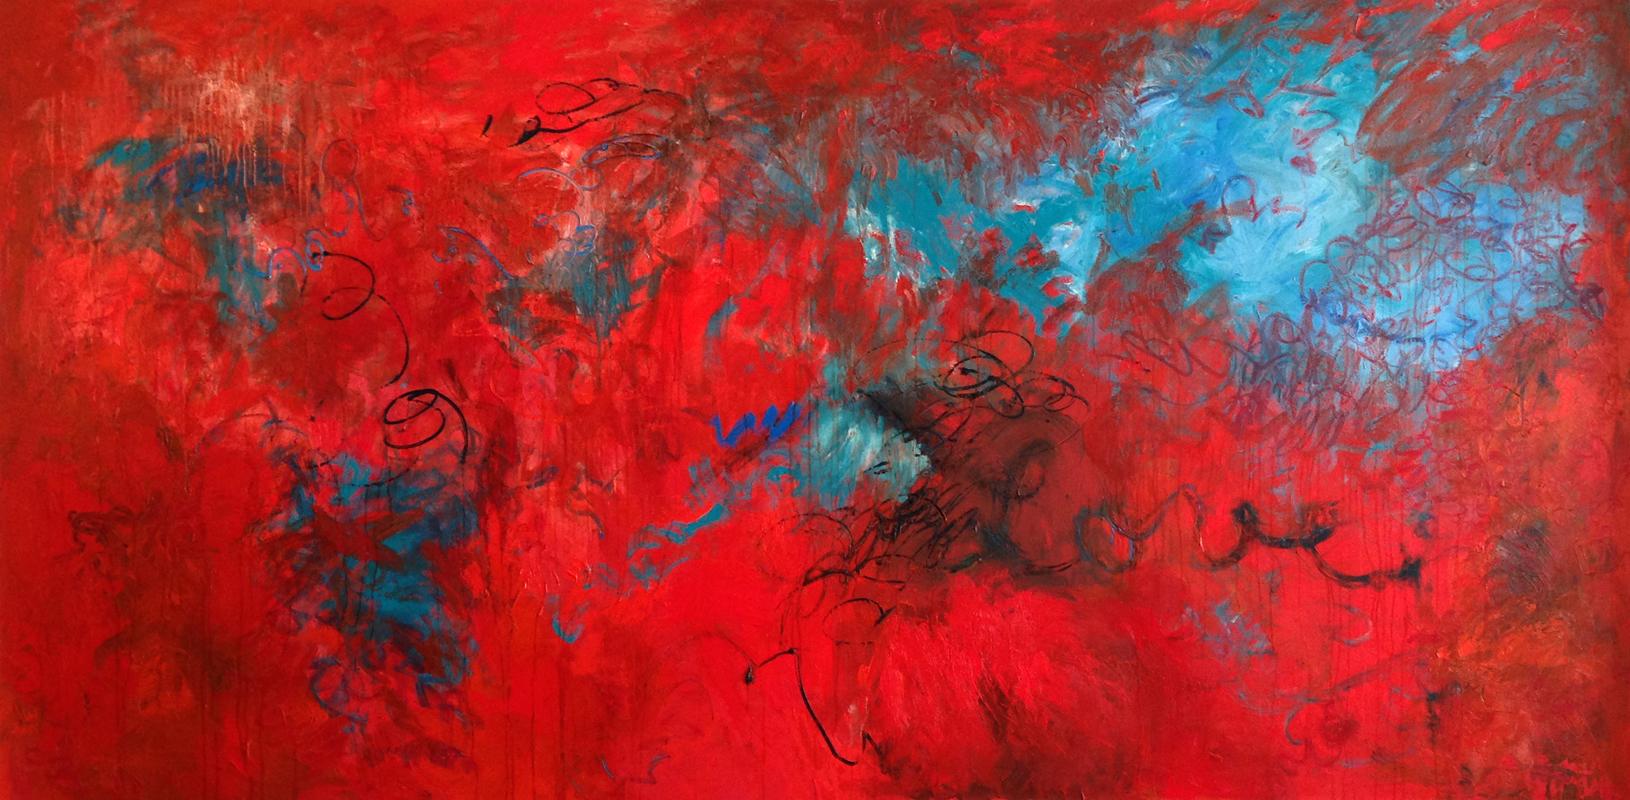 Love, 2009, oil on linen, 170 cm x 170 cm